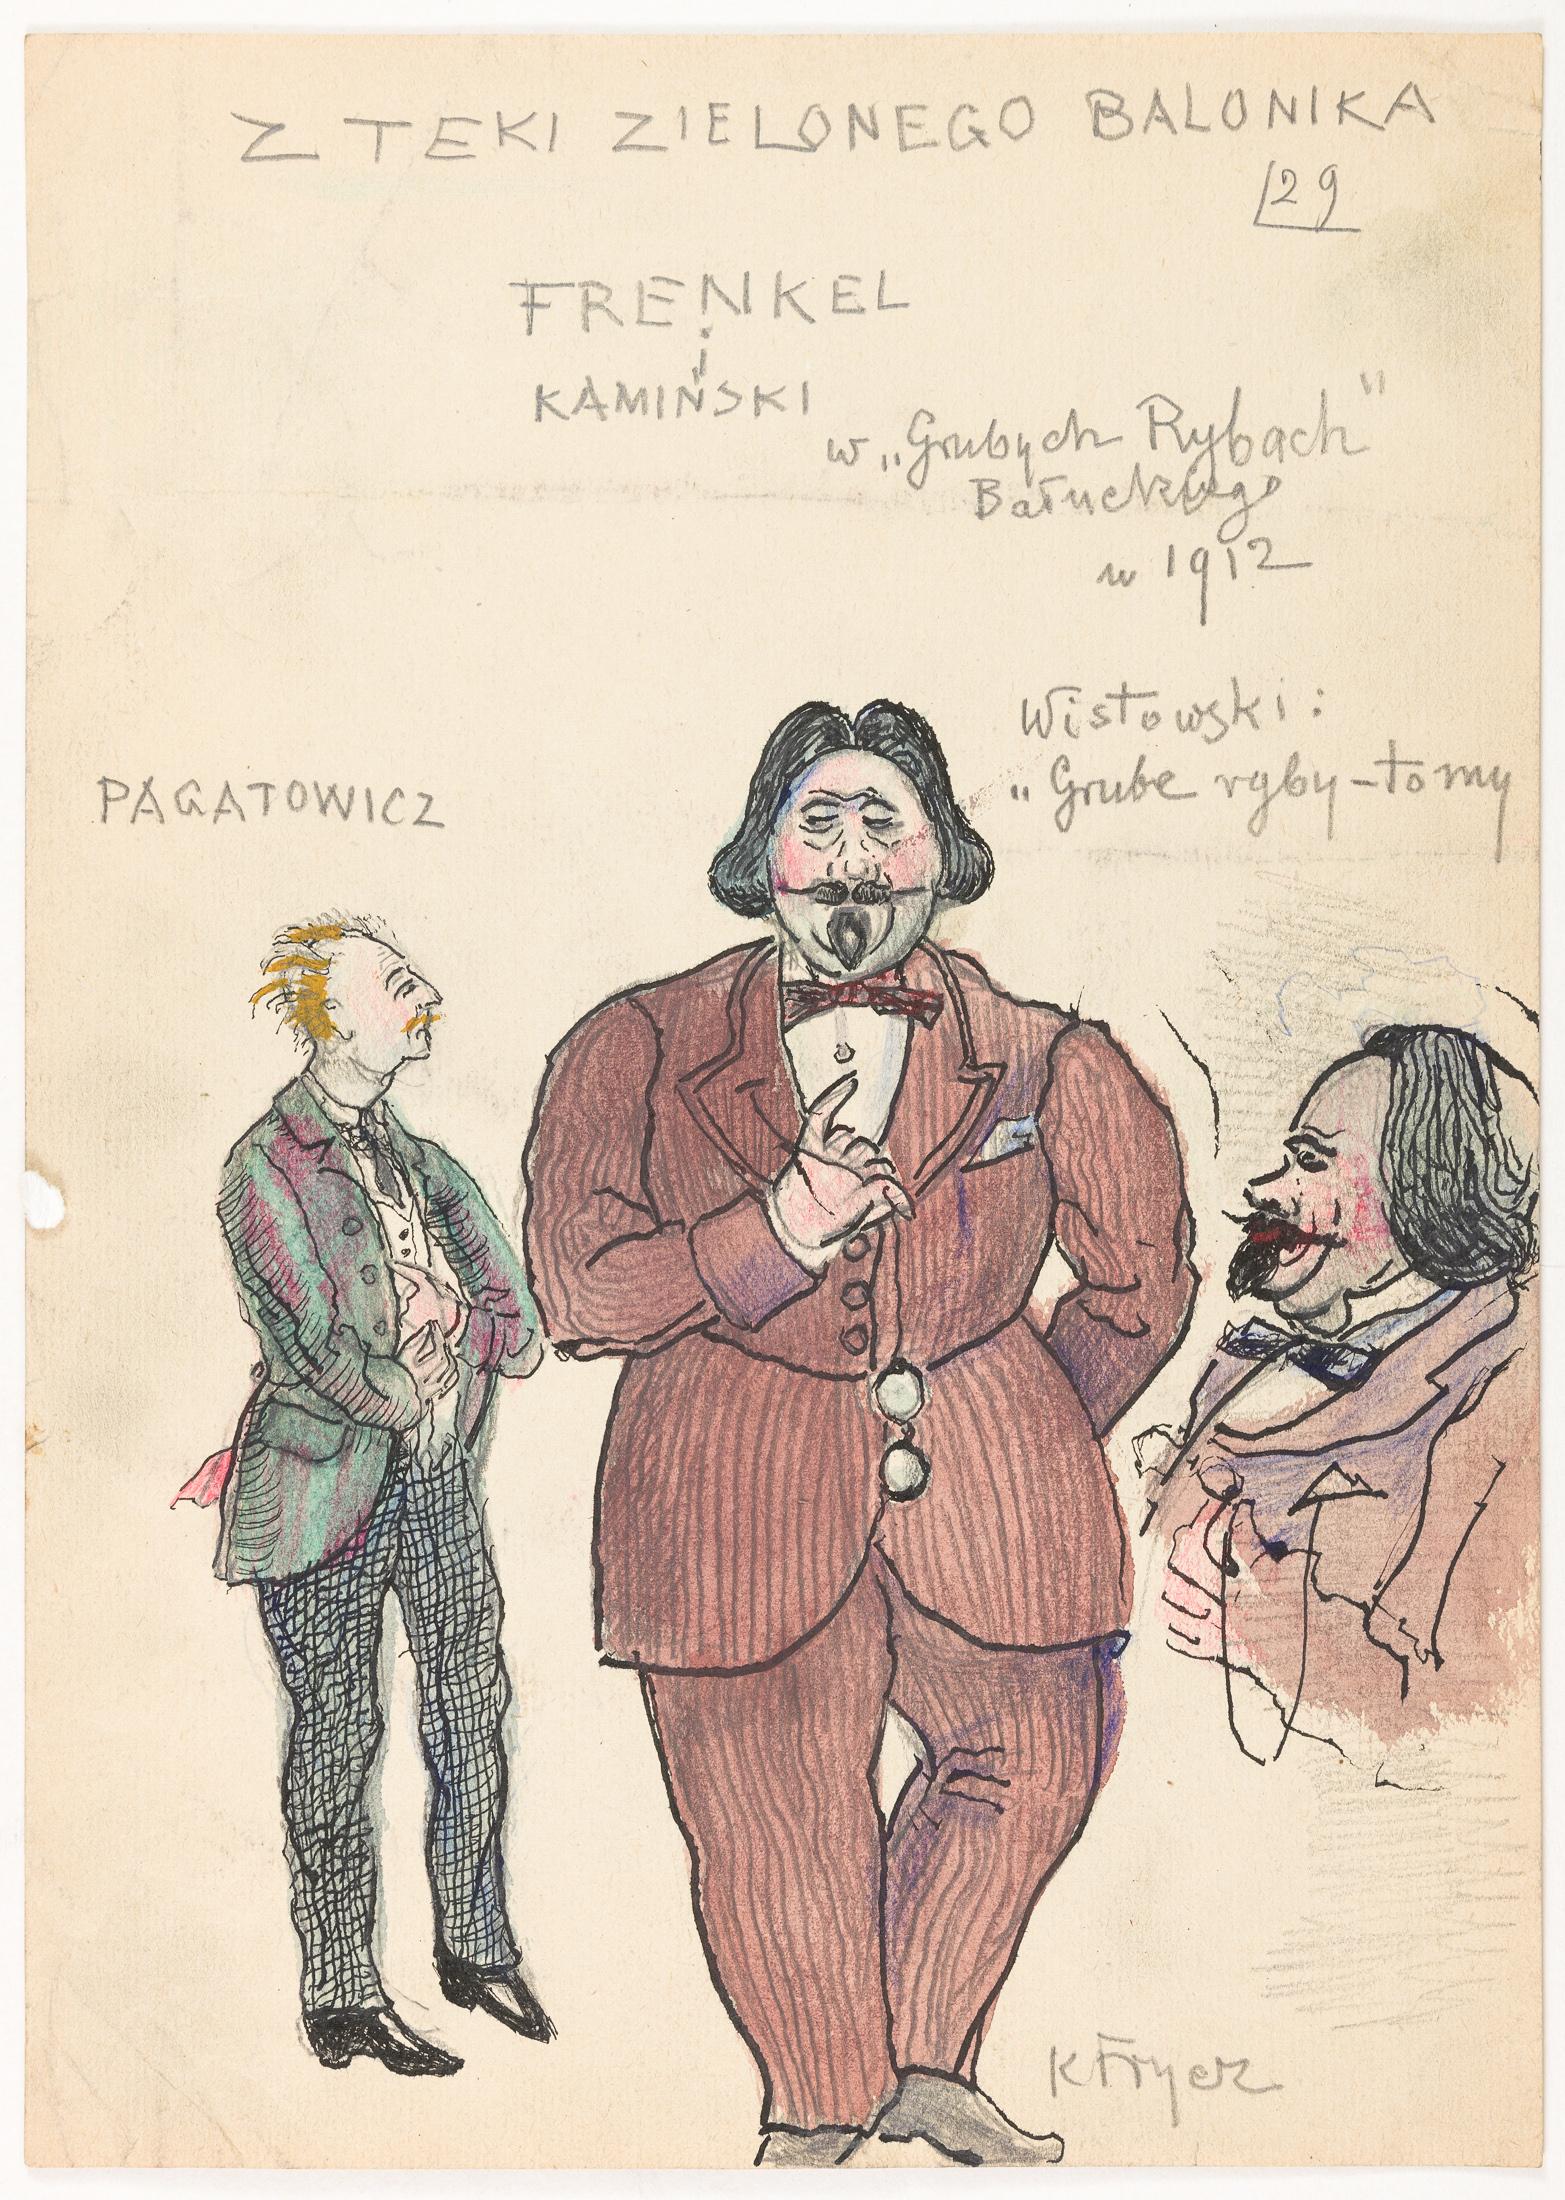 """Frenkiel i Kamiński w """"Grubych rybach"""" M Bałuckiego, 1912"""